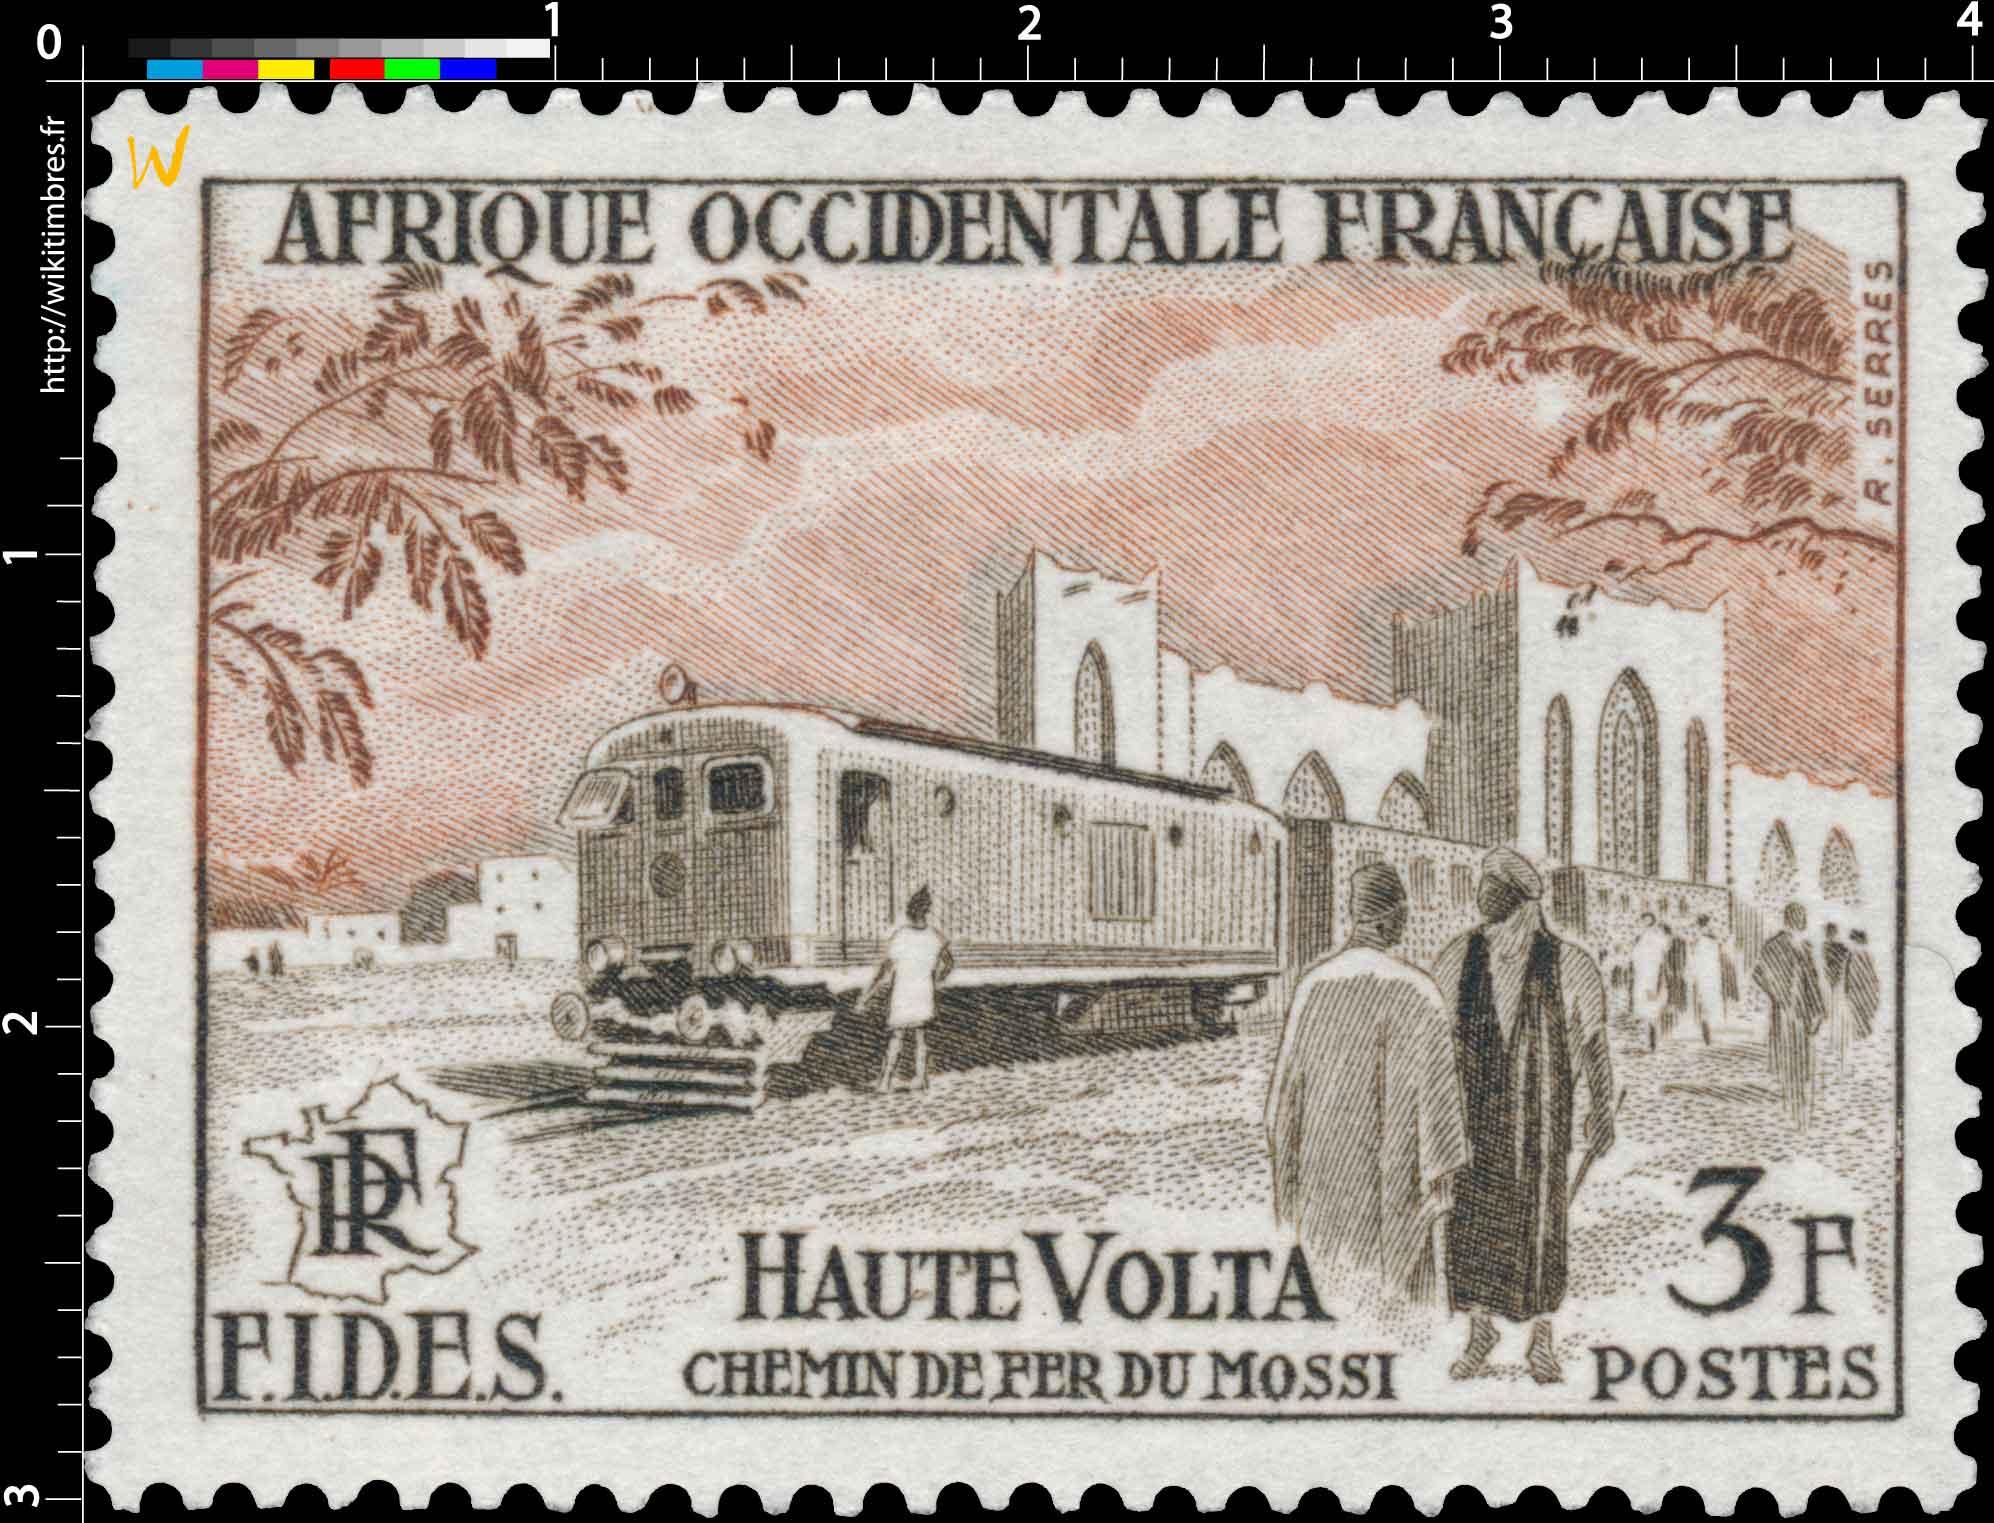 Afrique Occidentale Française - F.I.D.E.S.  Chemins de fer du Mossi  Haute-Volta